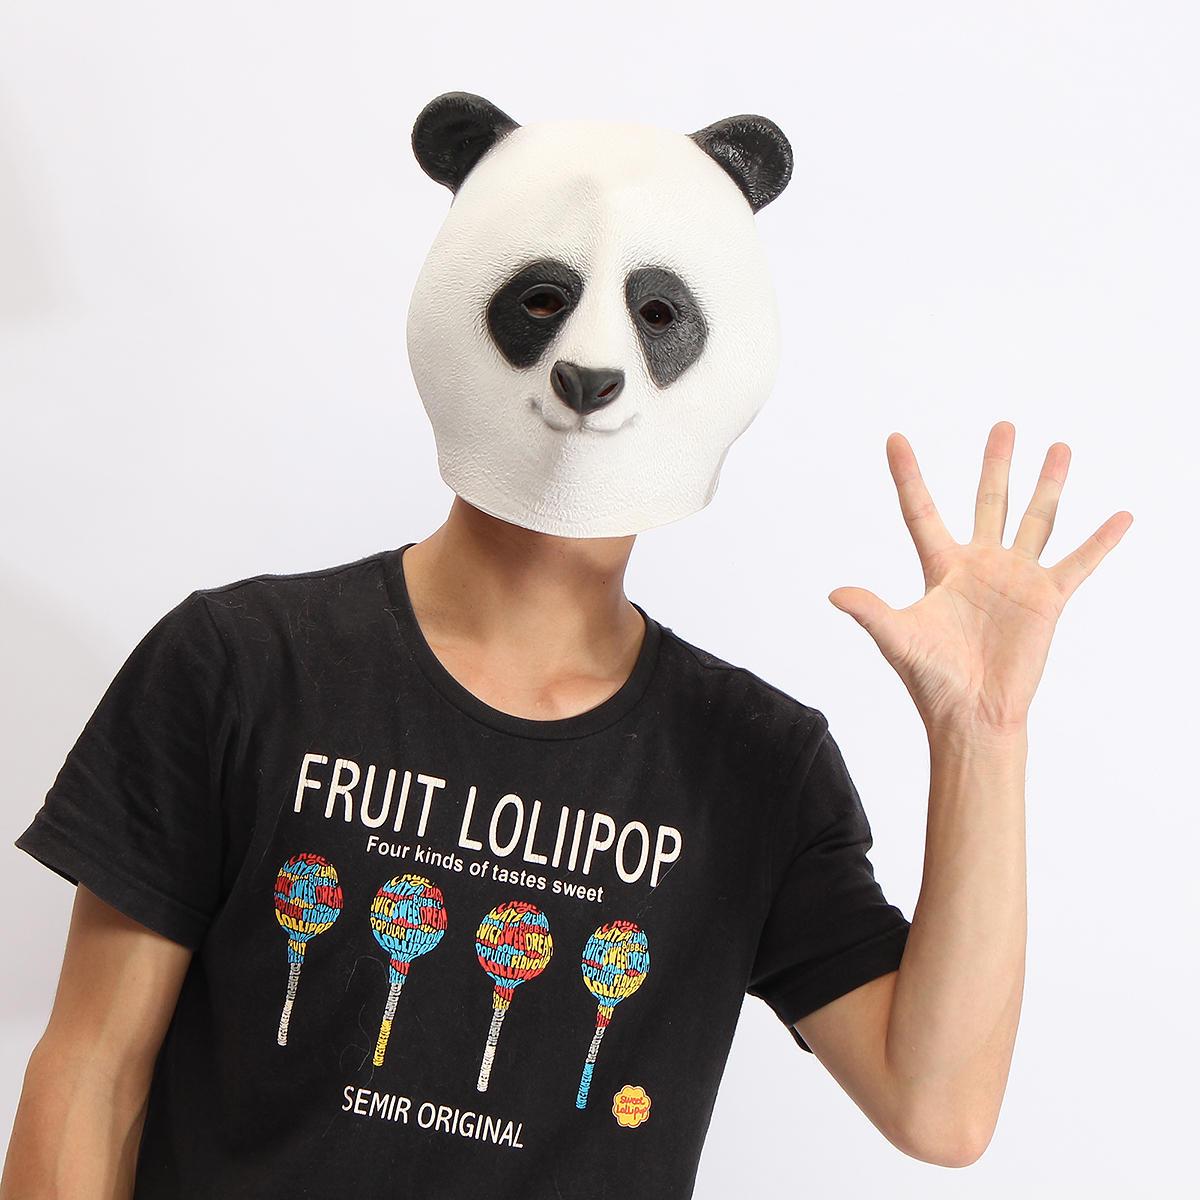 Панда маски голова жуткое животное Хеллоуин костюм театр игрушки проп латекса партия